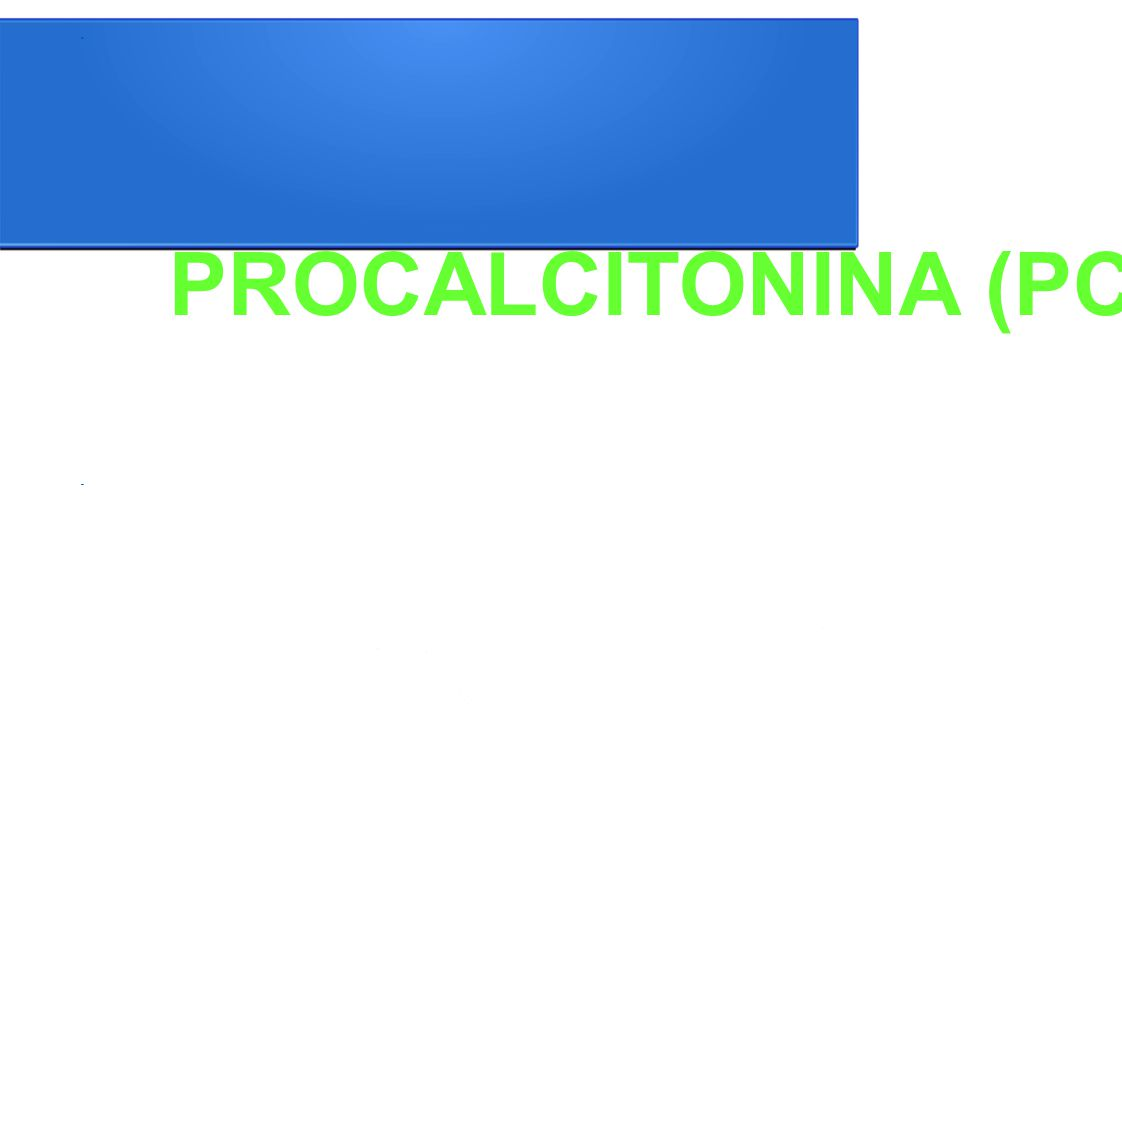 PROCALCITONINA (PCT)